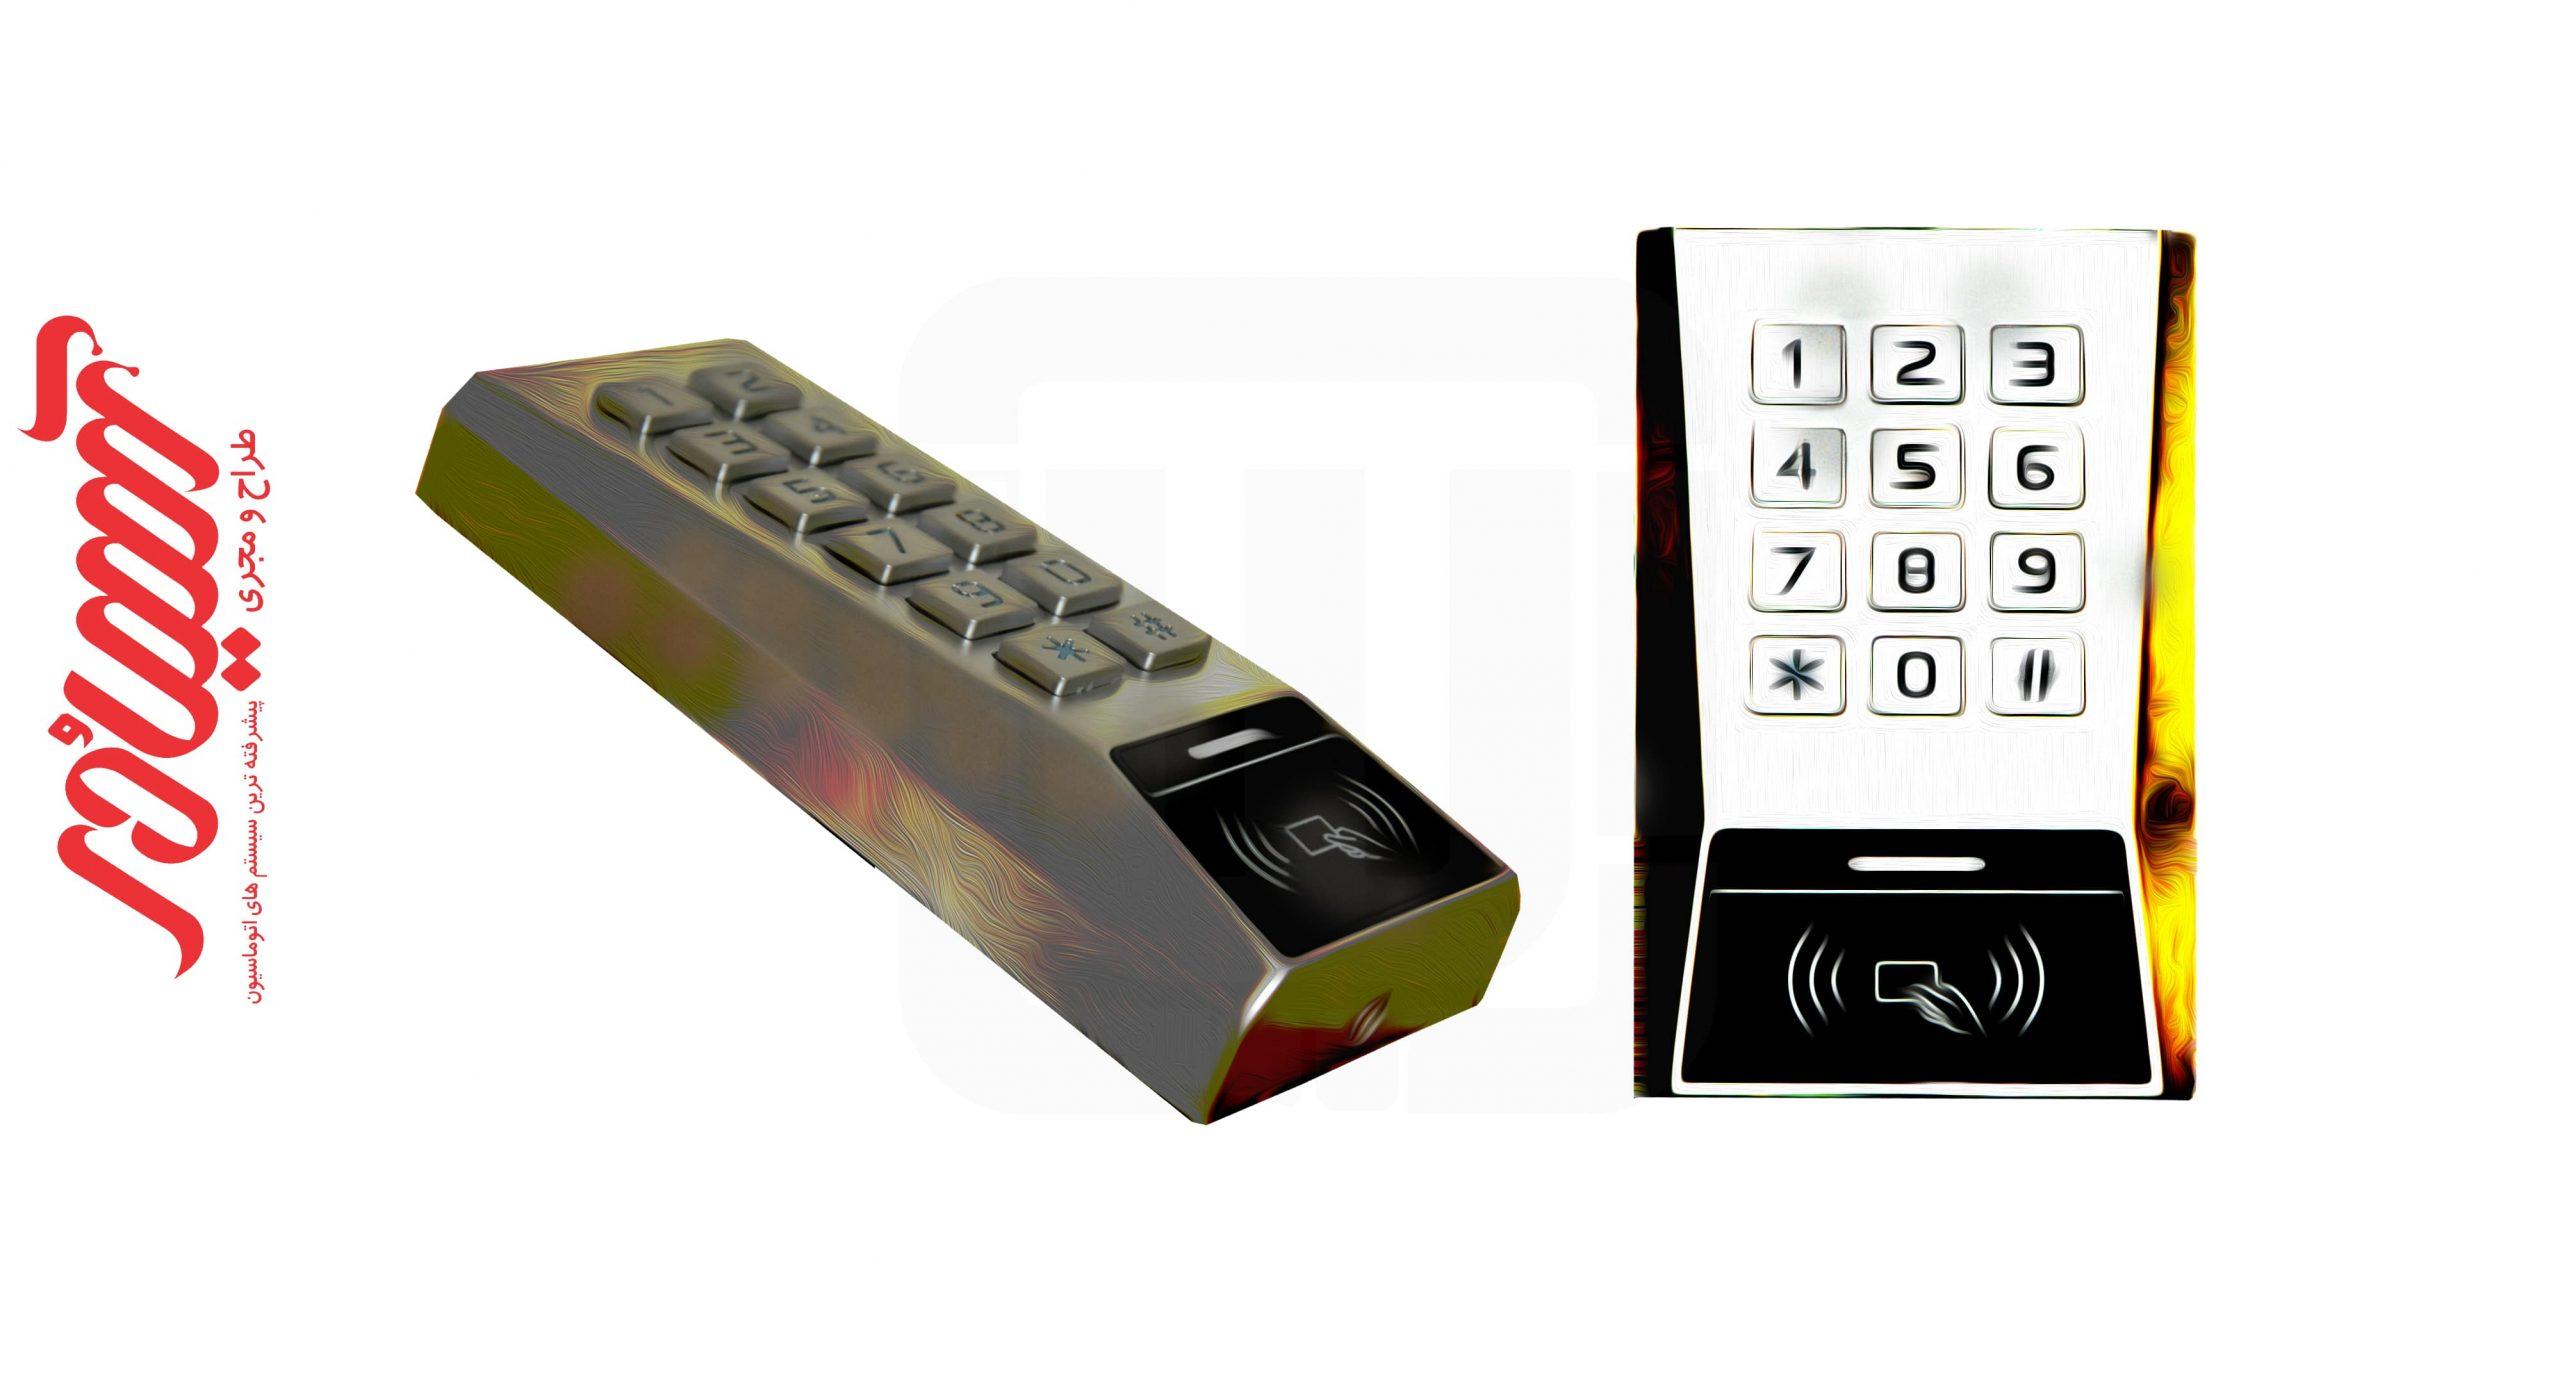 دستگاه کنترل تردد سایبن SYBONN MK100-E